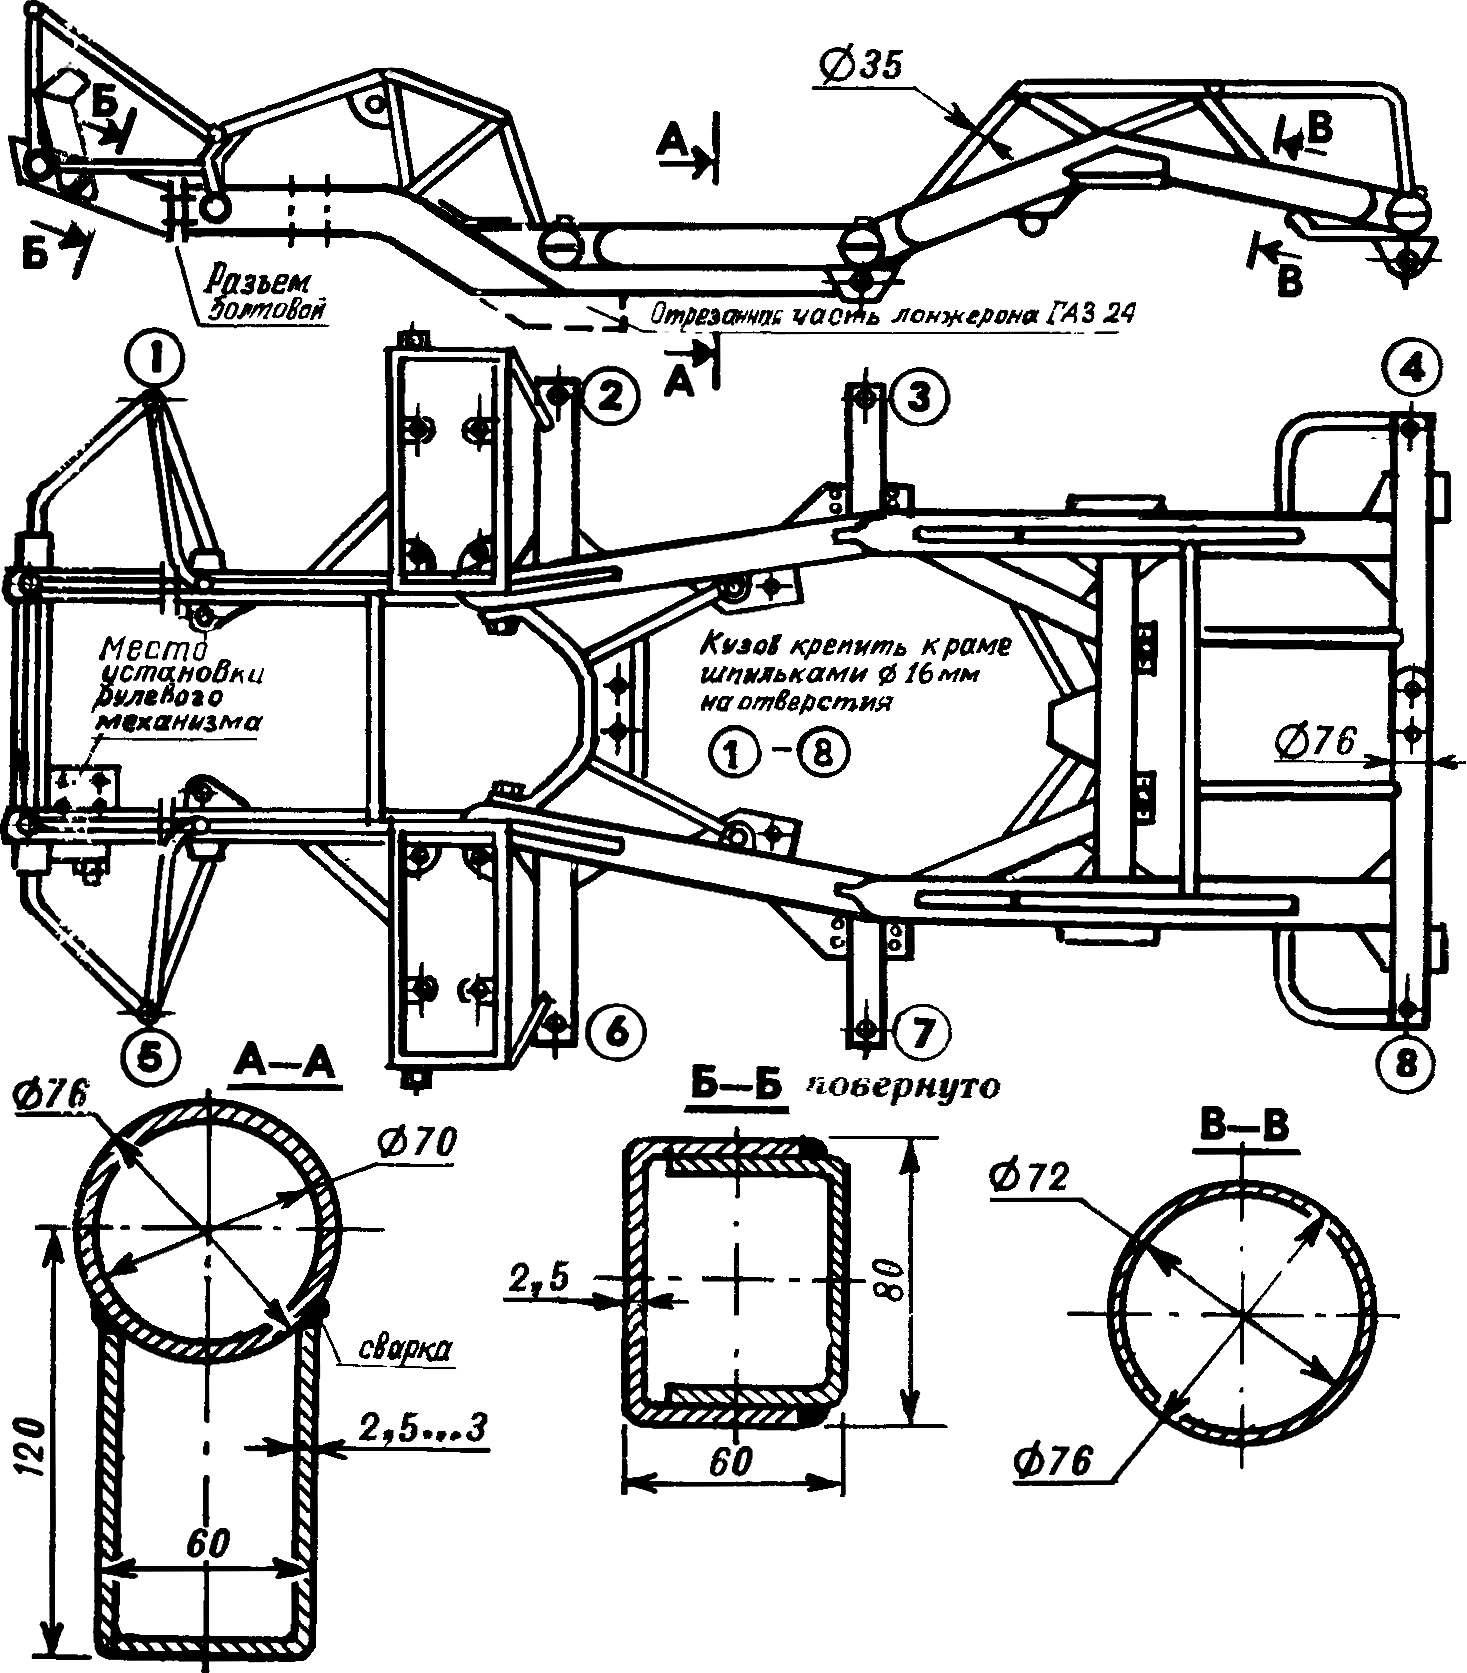 Р и с. 3. Эскиз рамы автомобиля с основными сечениями по лонжеронам